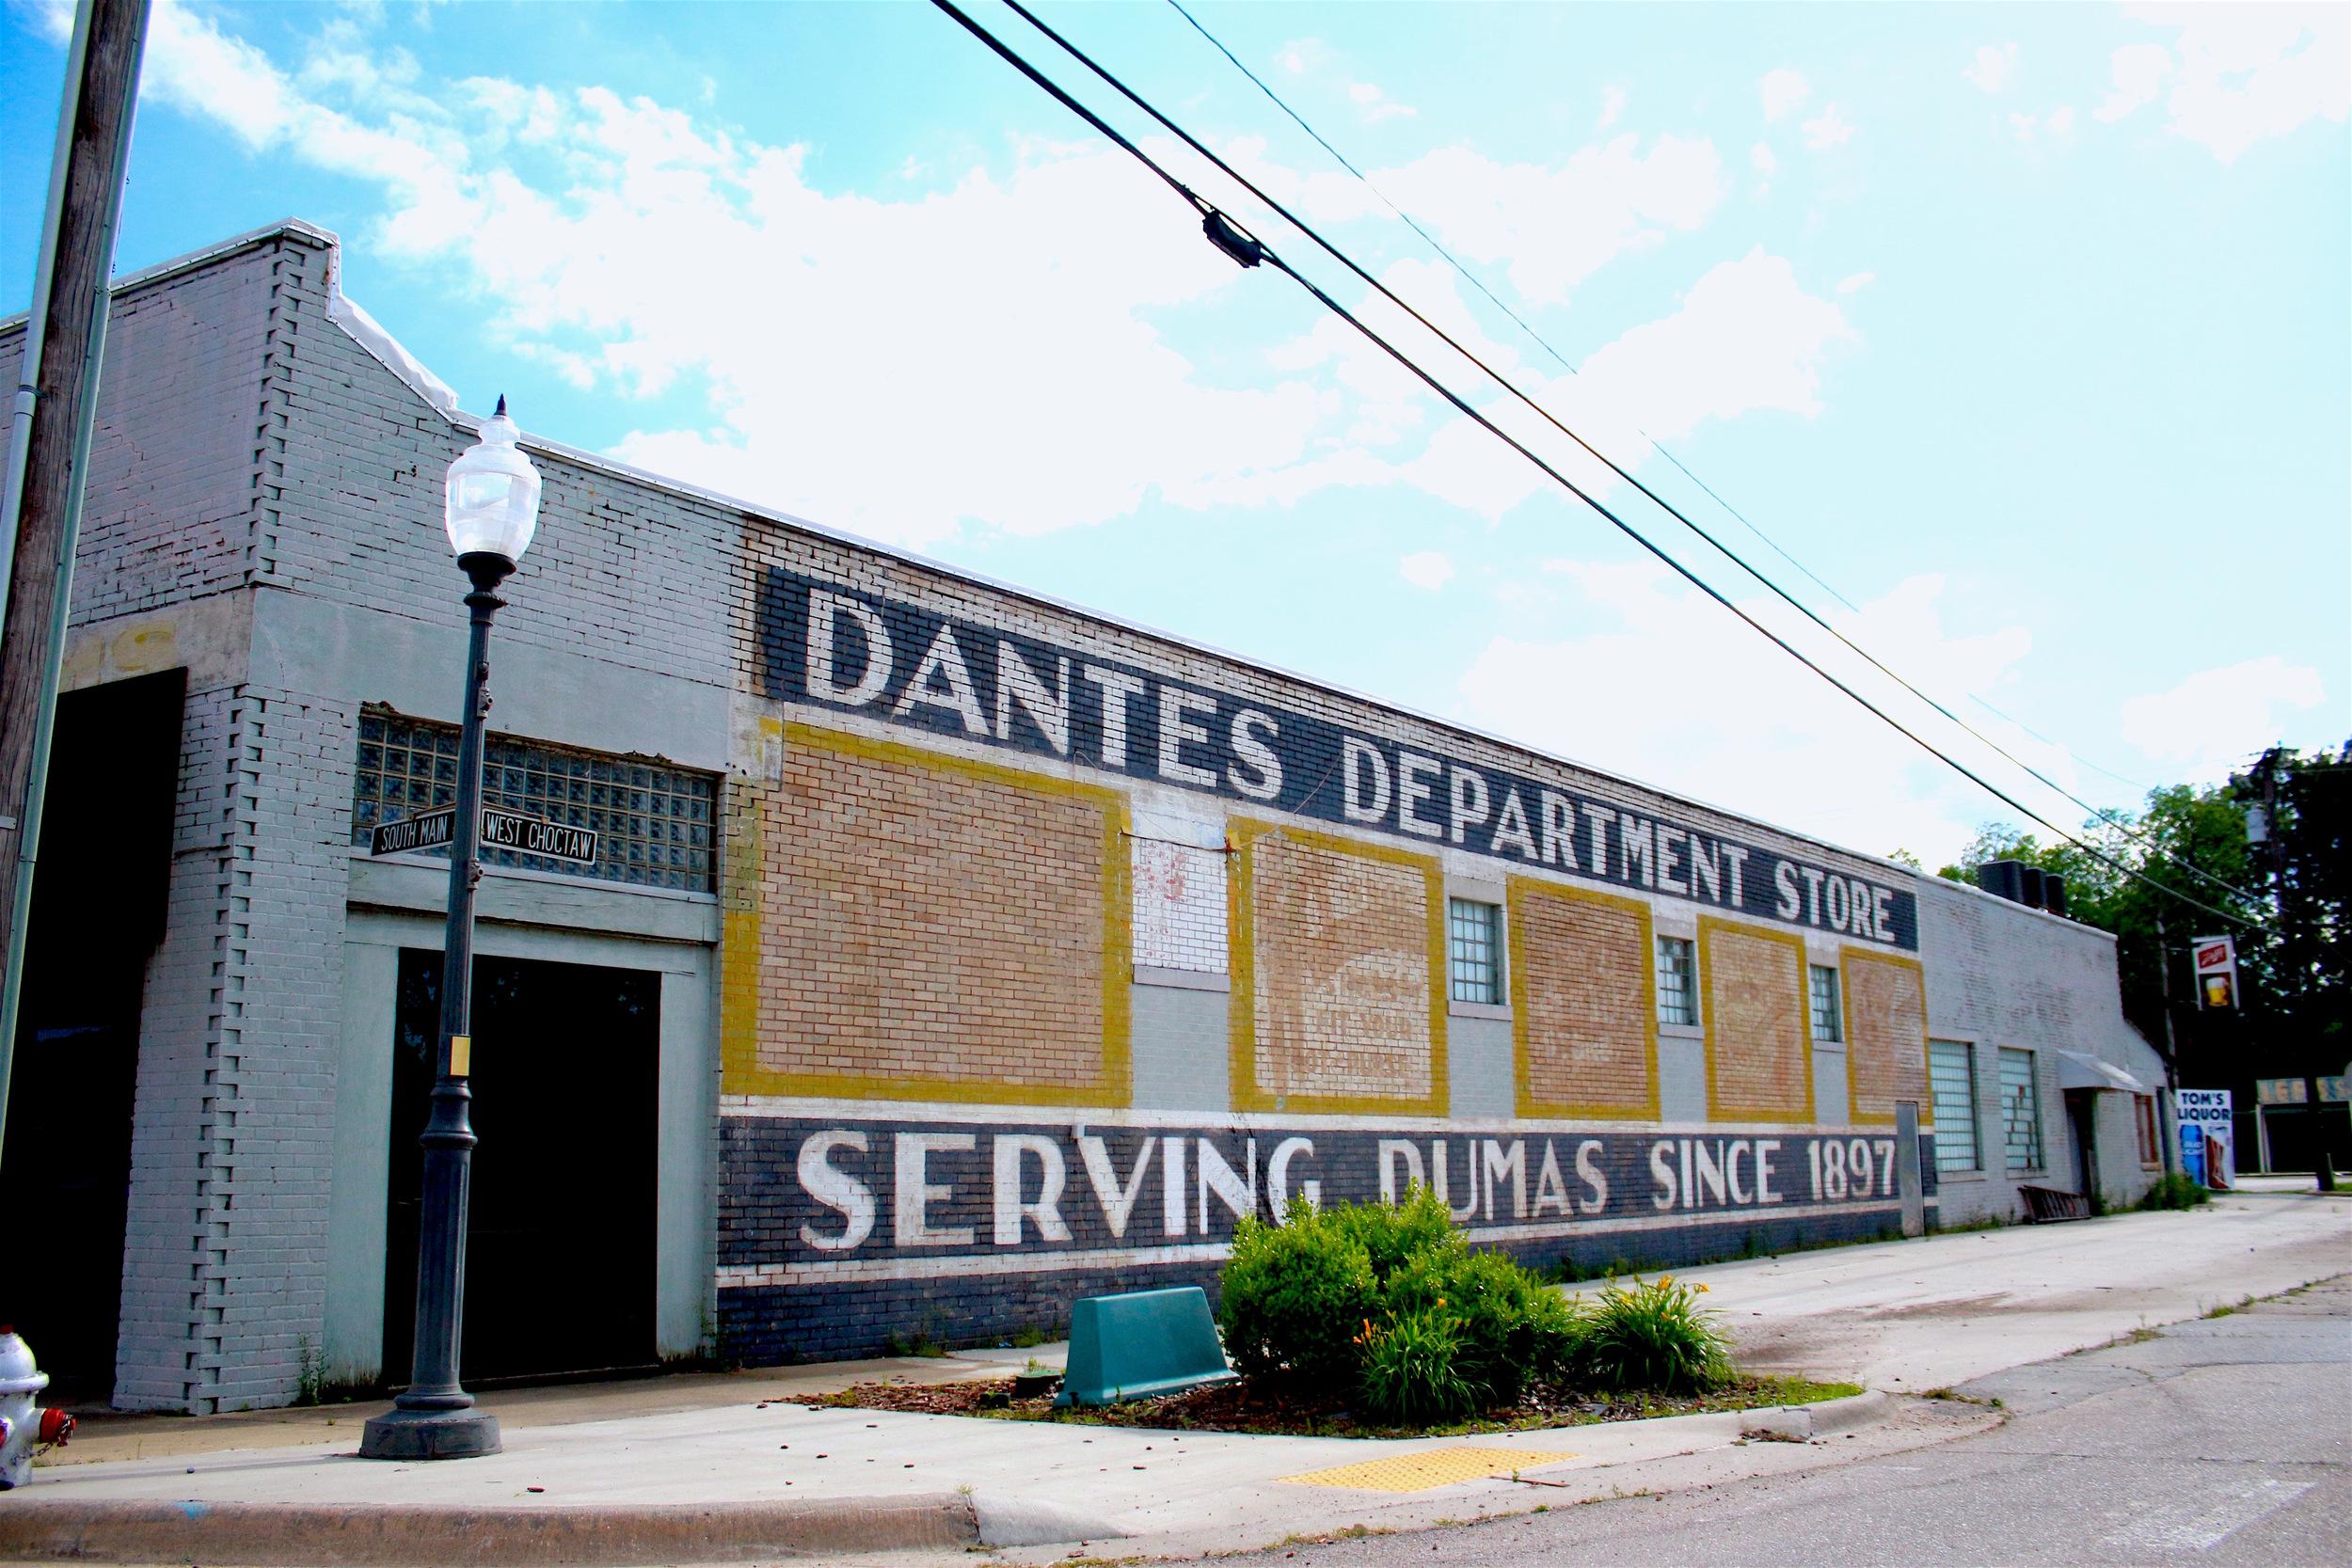 dantesstreet.jpg